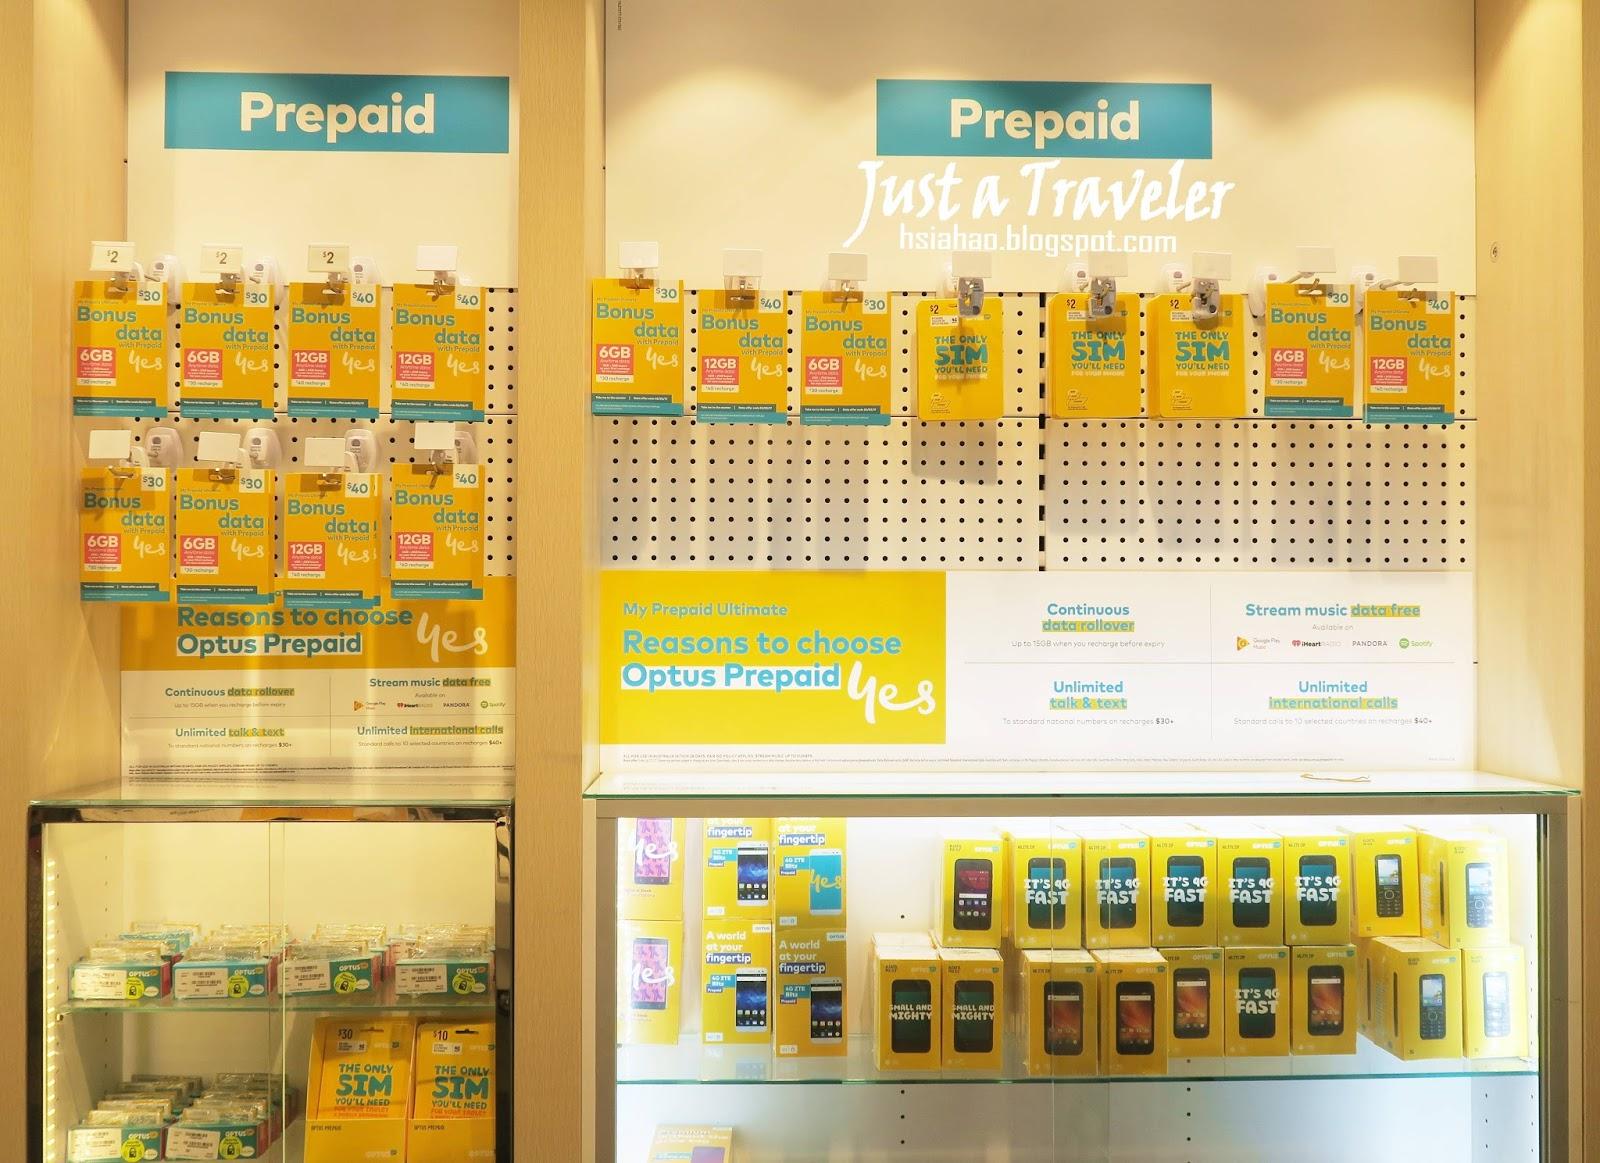 澳洲-網路-上網-預付卡-超市-店面-門市-Australia-Telecom-Internet-Prepaid-Card-Supermarket-Store